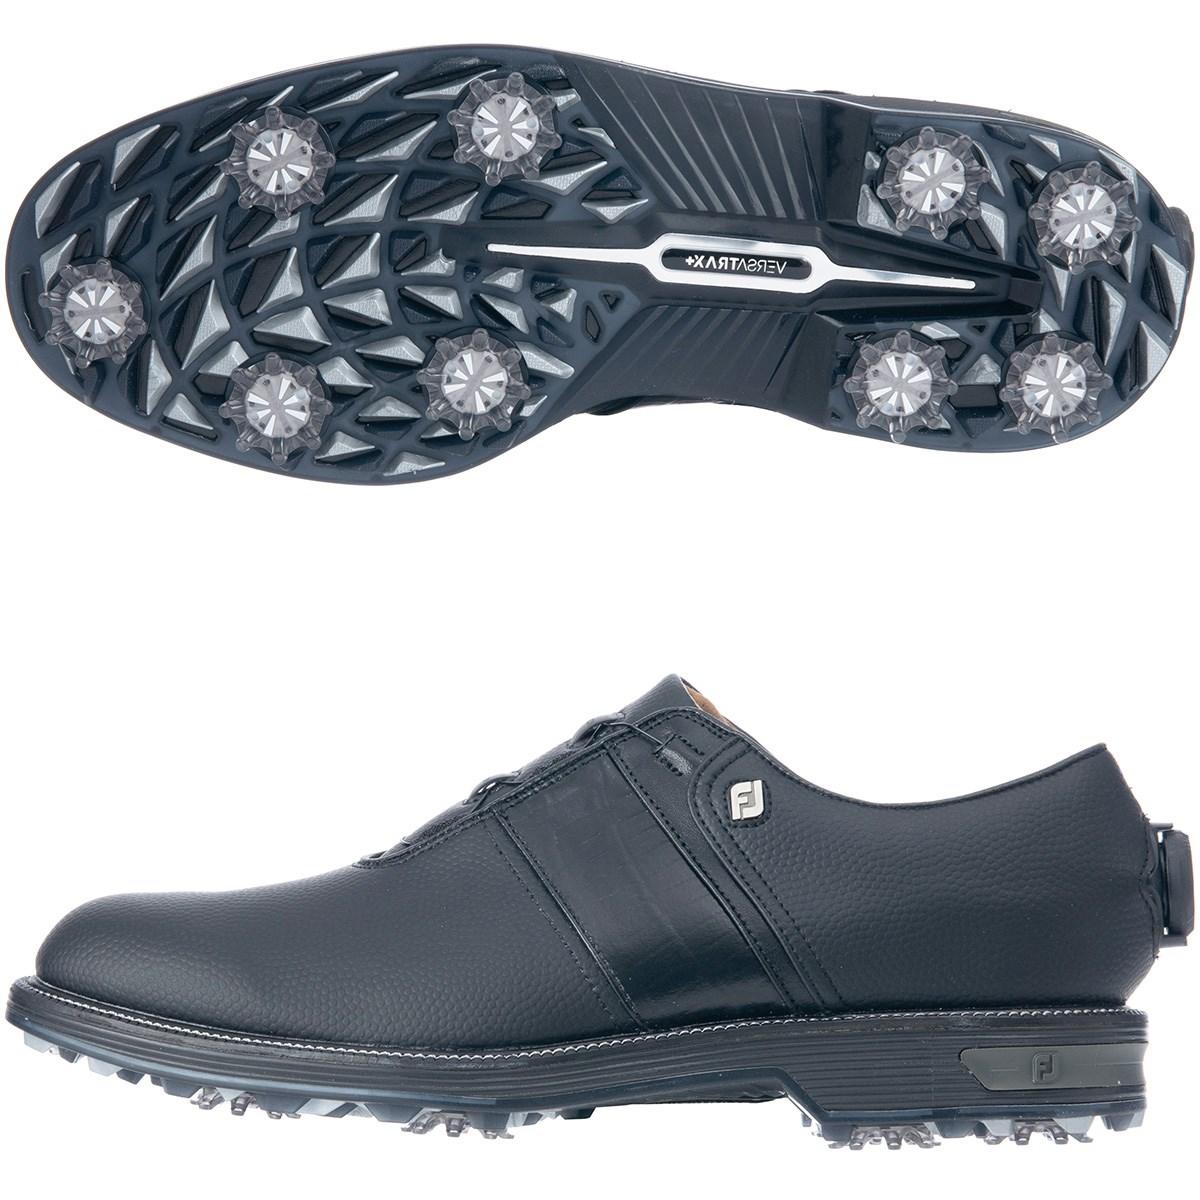 フットジョイ Foot Joy ドライジョイズ プレミア パッカード ボア シューズ 24.5cm ブラック/ブラック